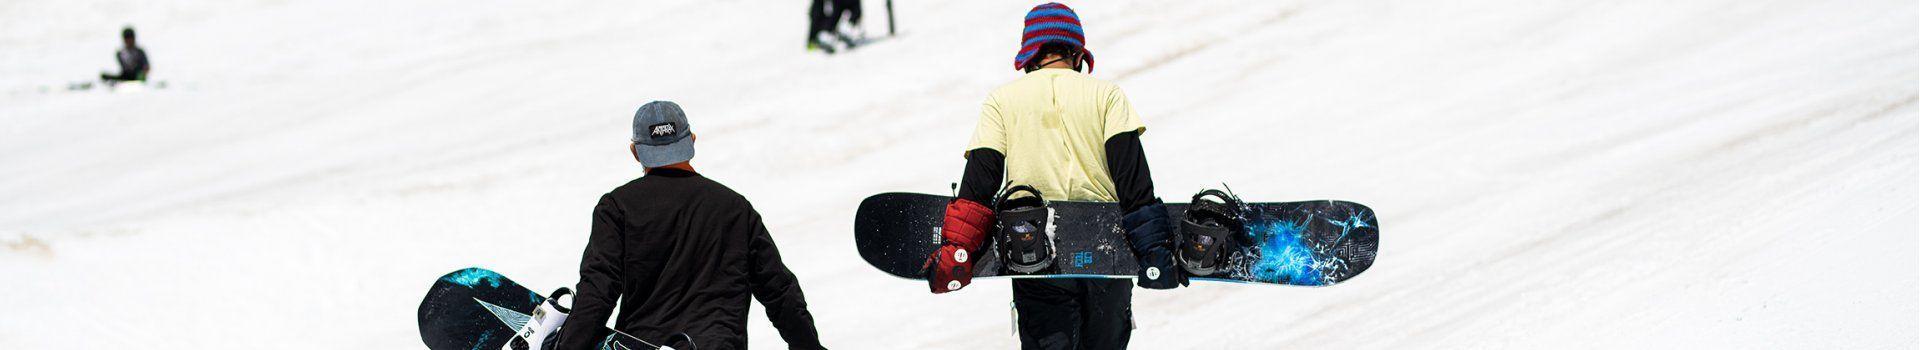 Jak wybrać najlepszą deskę snowboardową